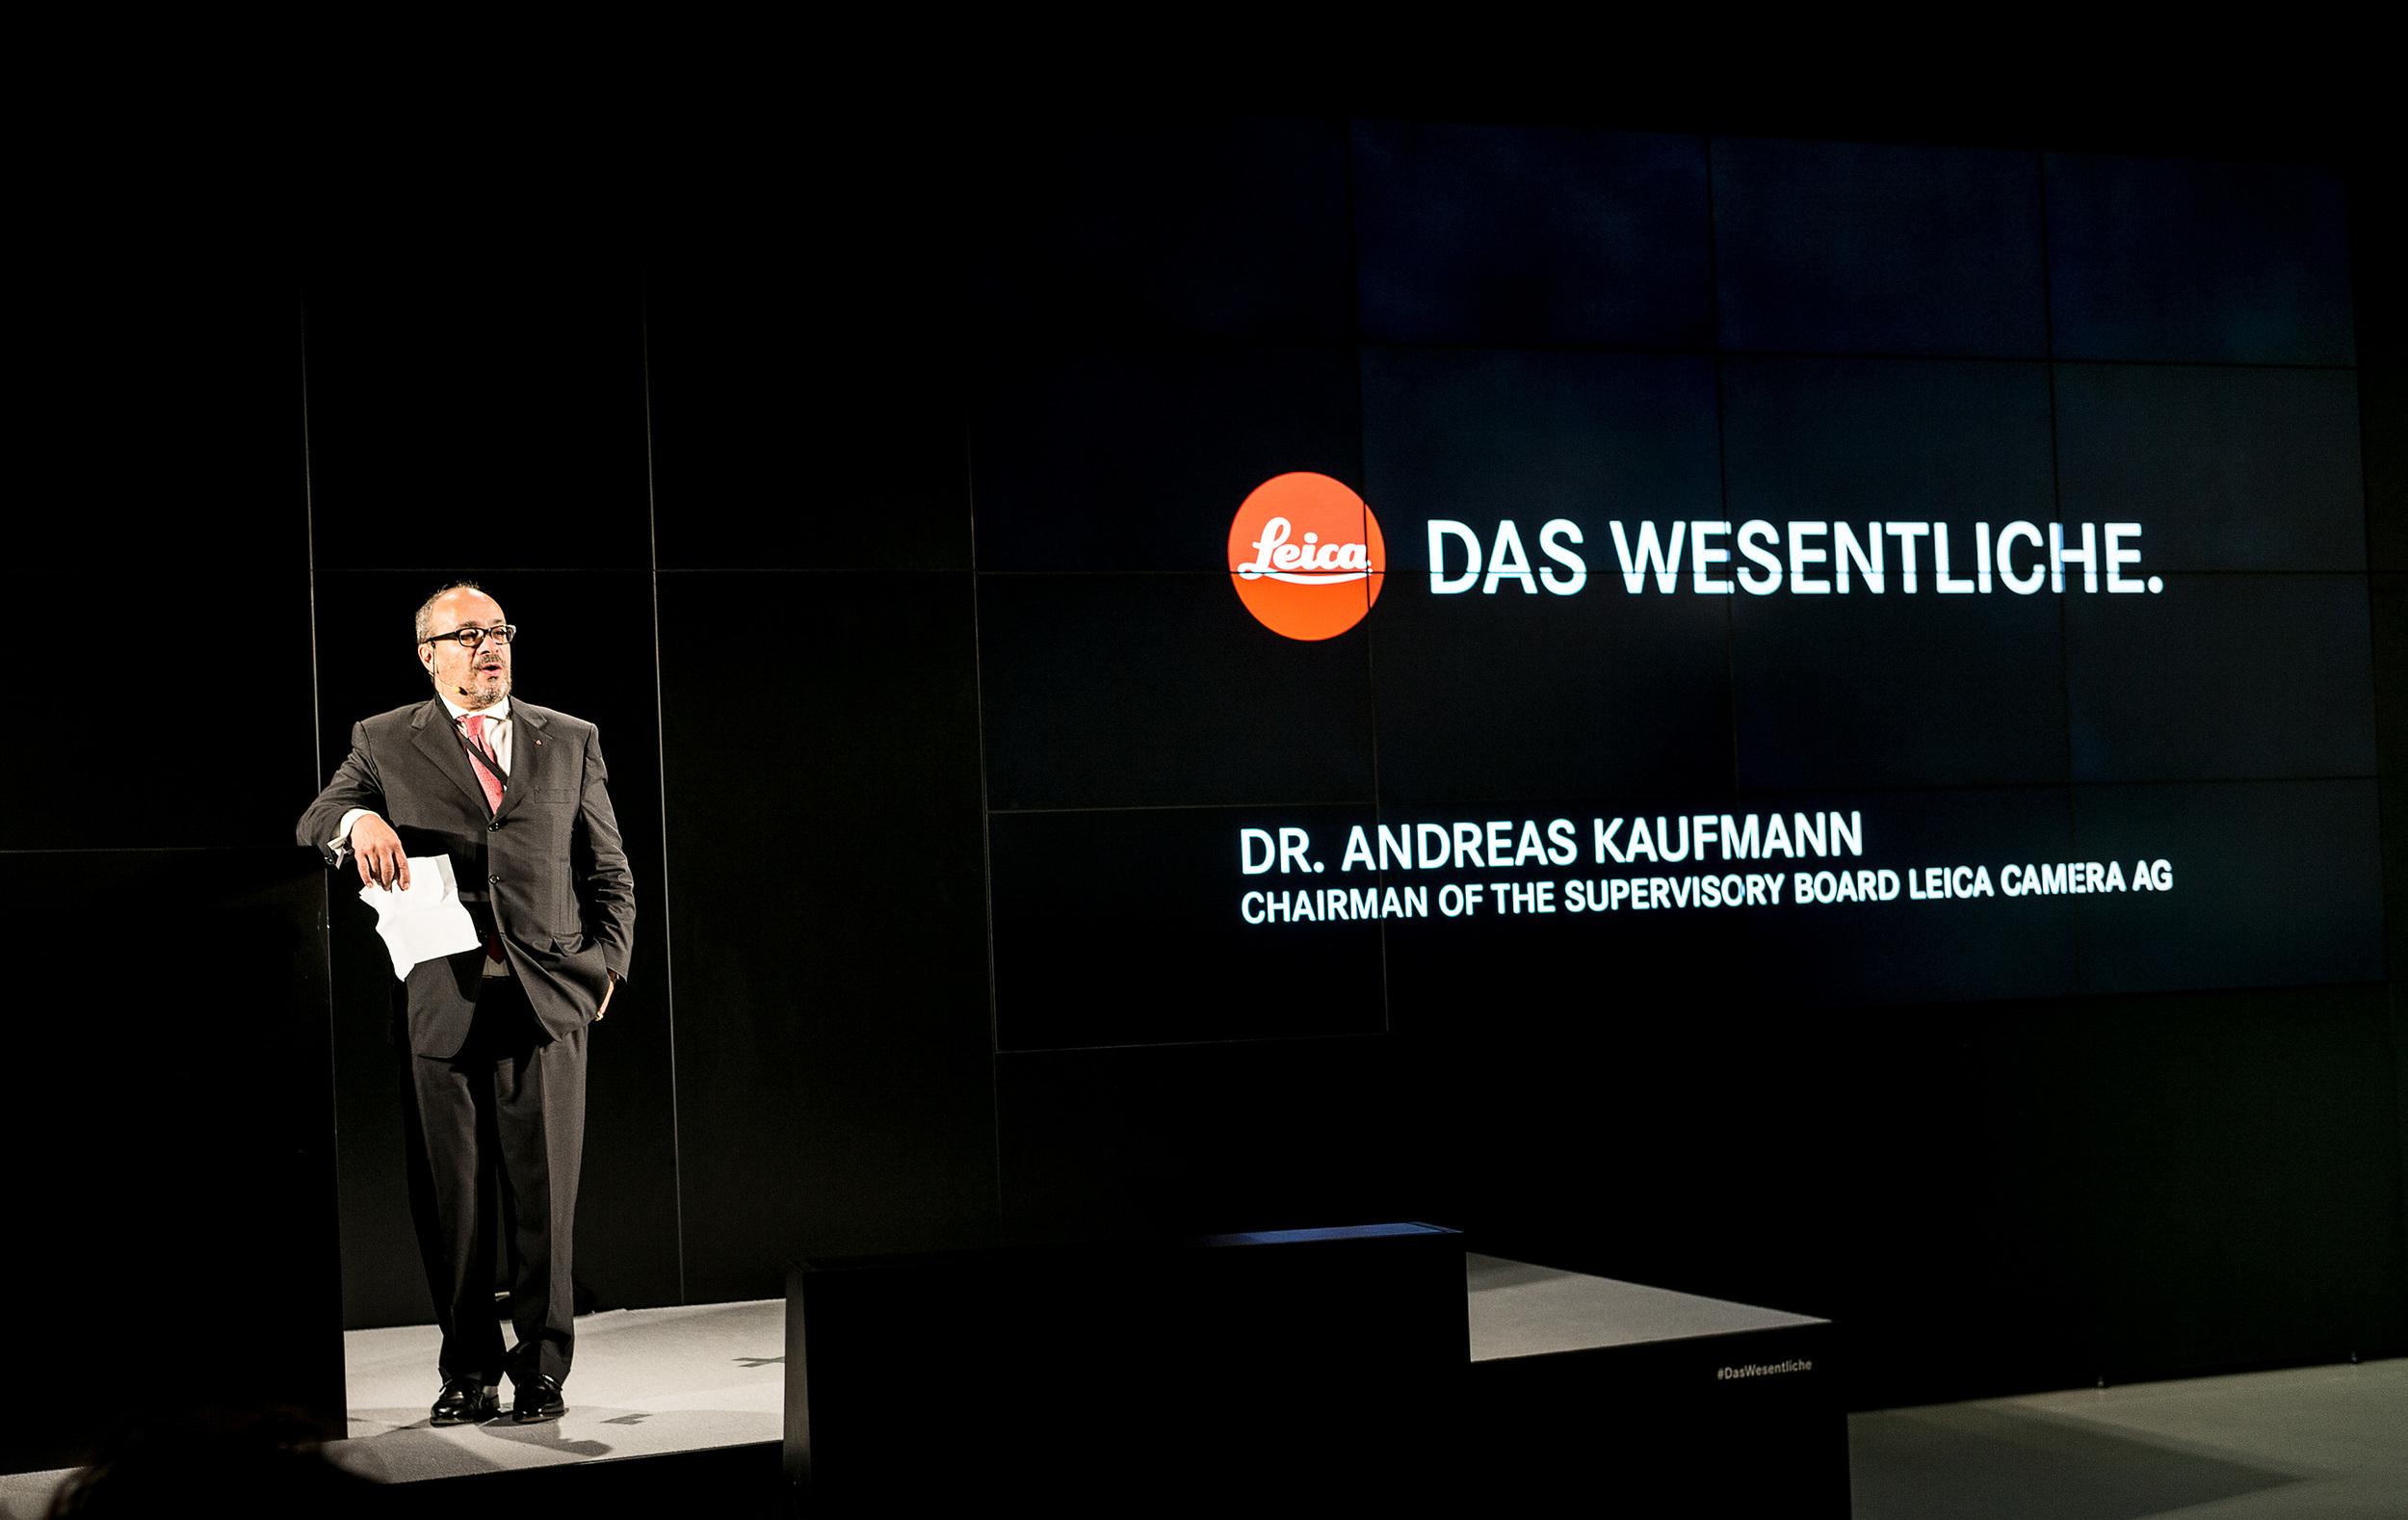 Dr. Kaufmann